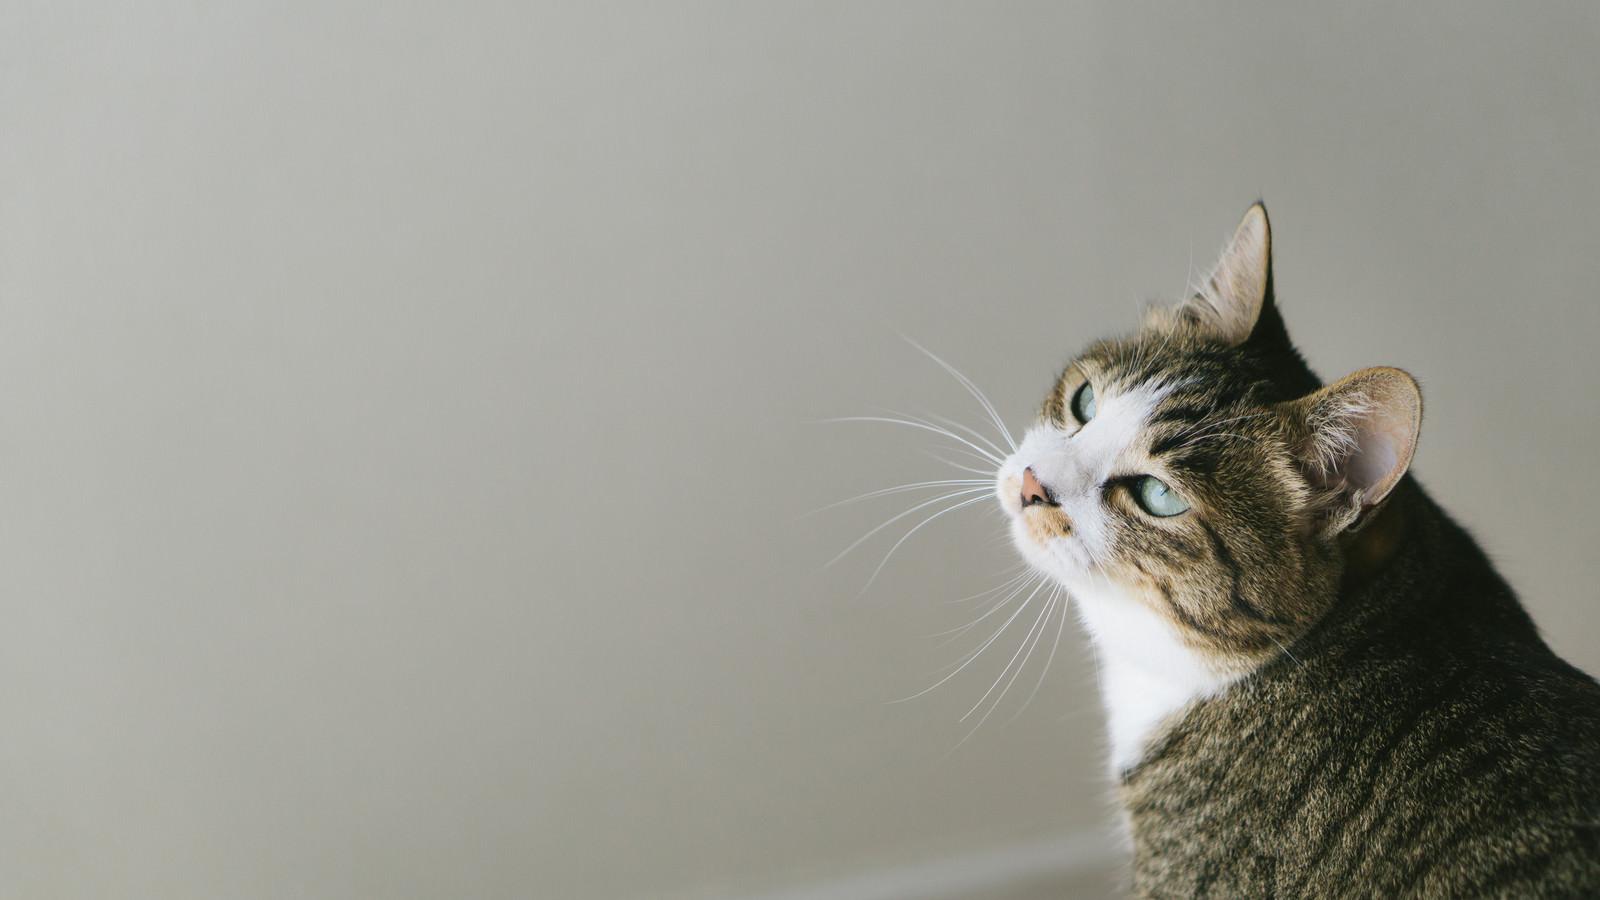 「呆れた猫」の写真